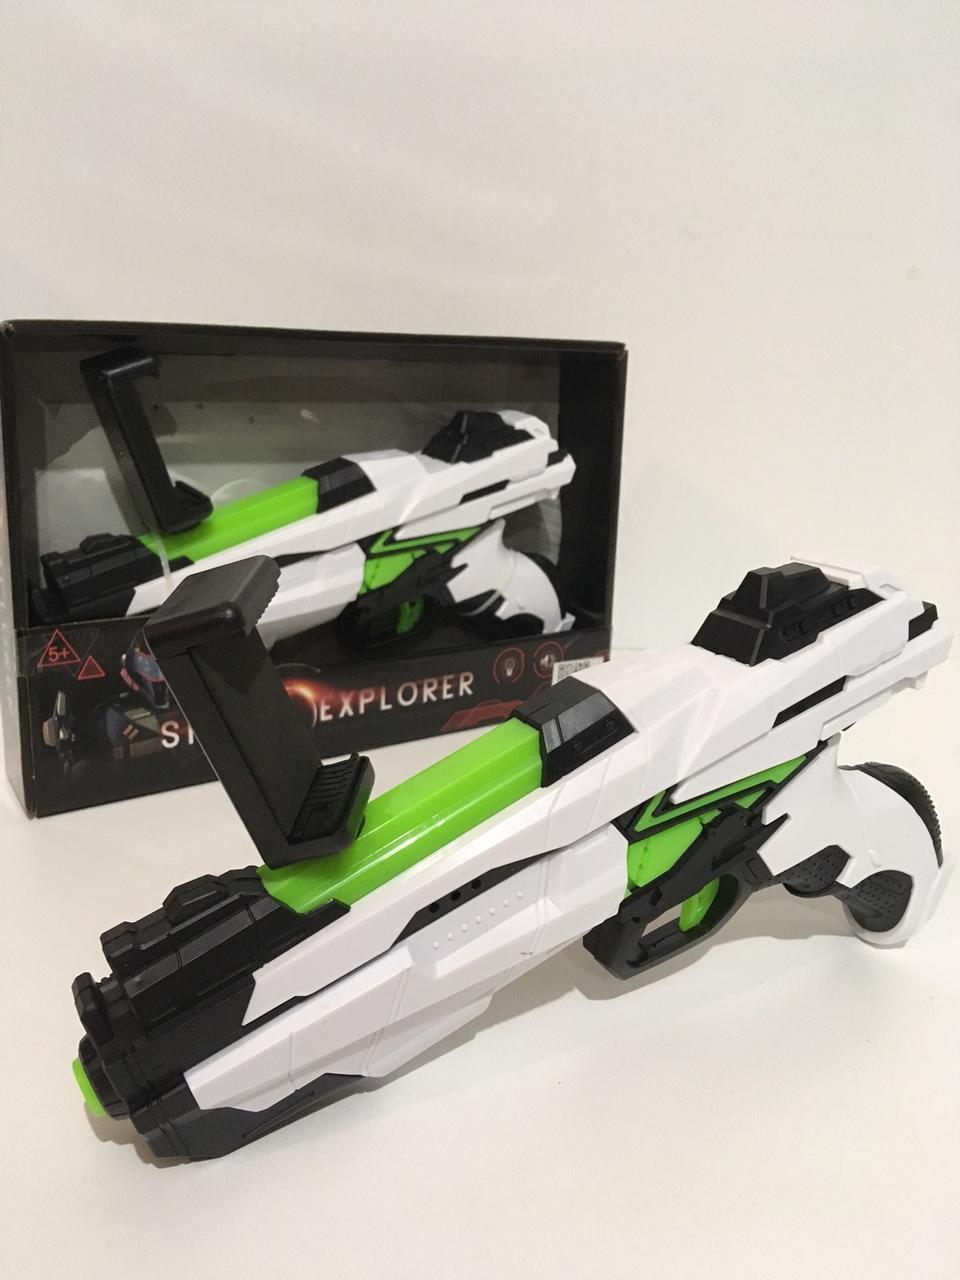 Интерактивный пистолет Space Explorerигровой джойстик Q5